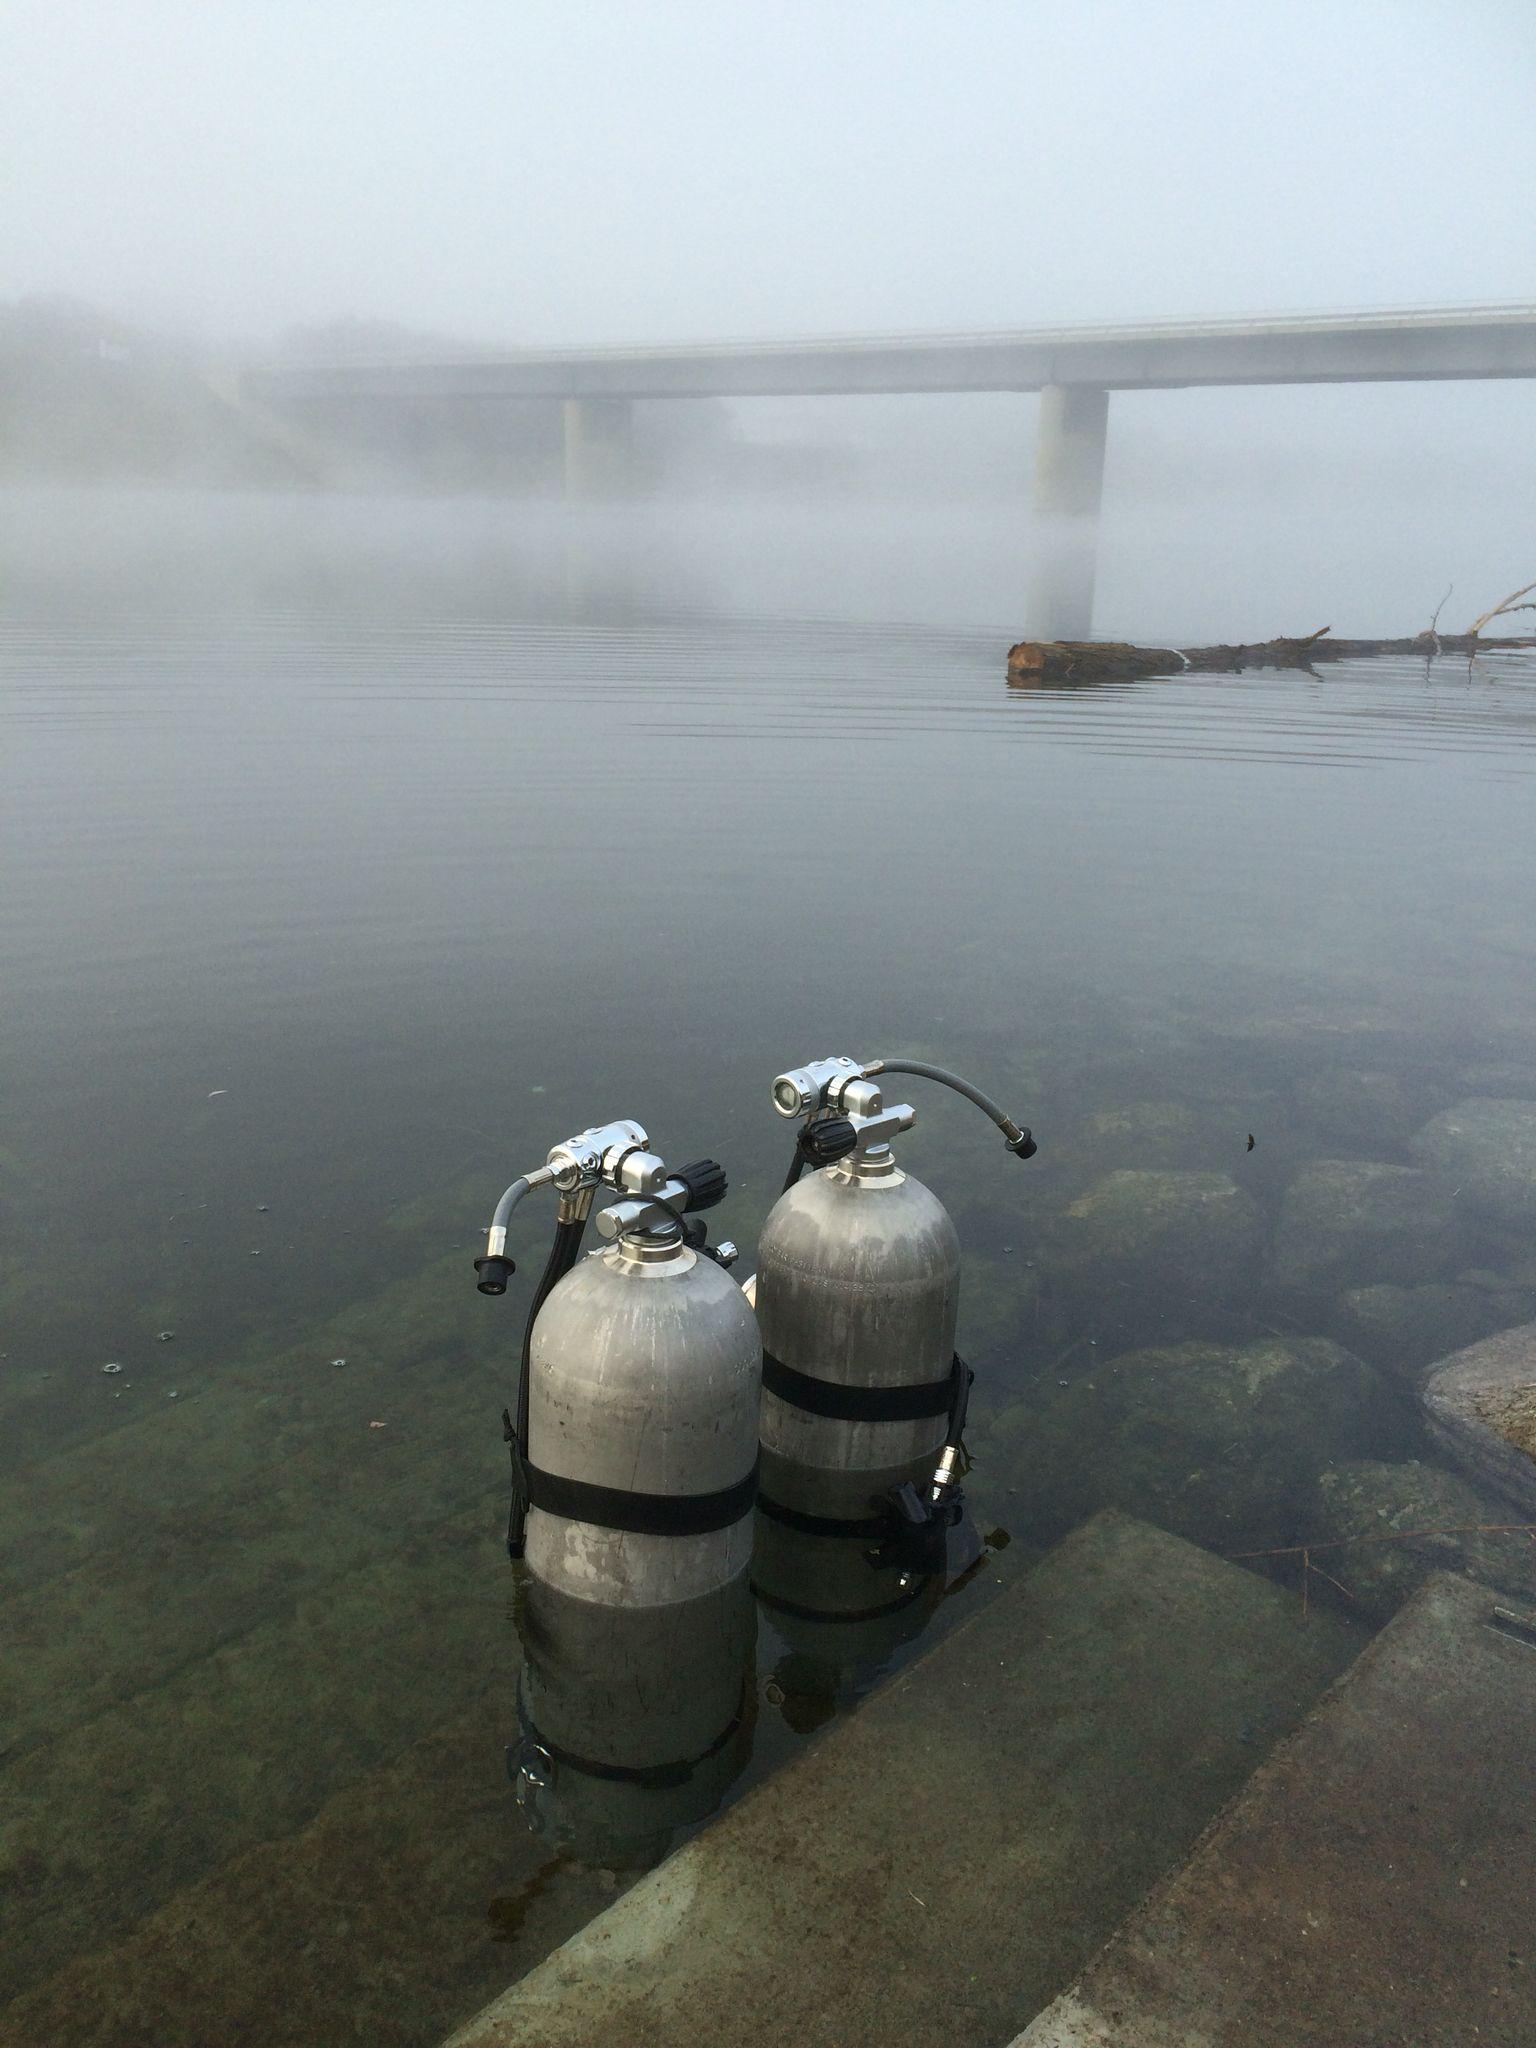 ...zur Abwechslung mal wieder an der Steinsporn-Brücke bei guter Sicht und die Wassertemperatur bei angenehmen 6 Grad Celsius